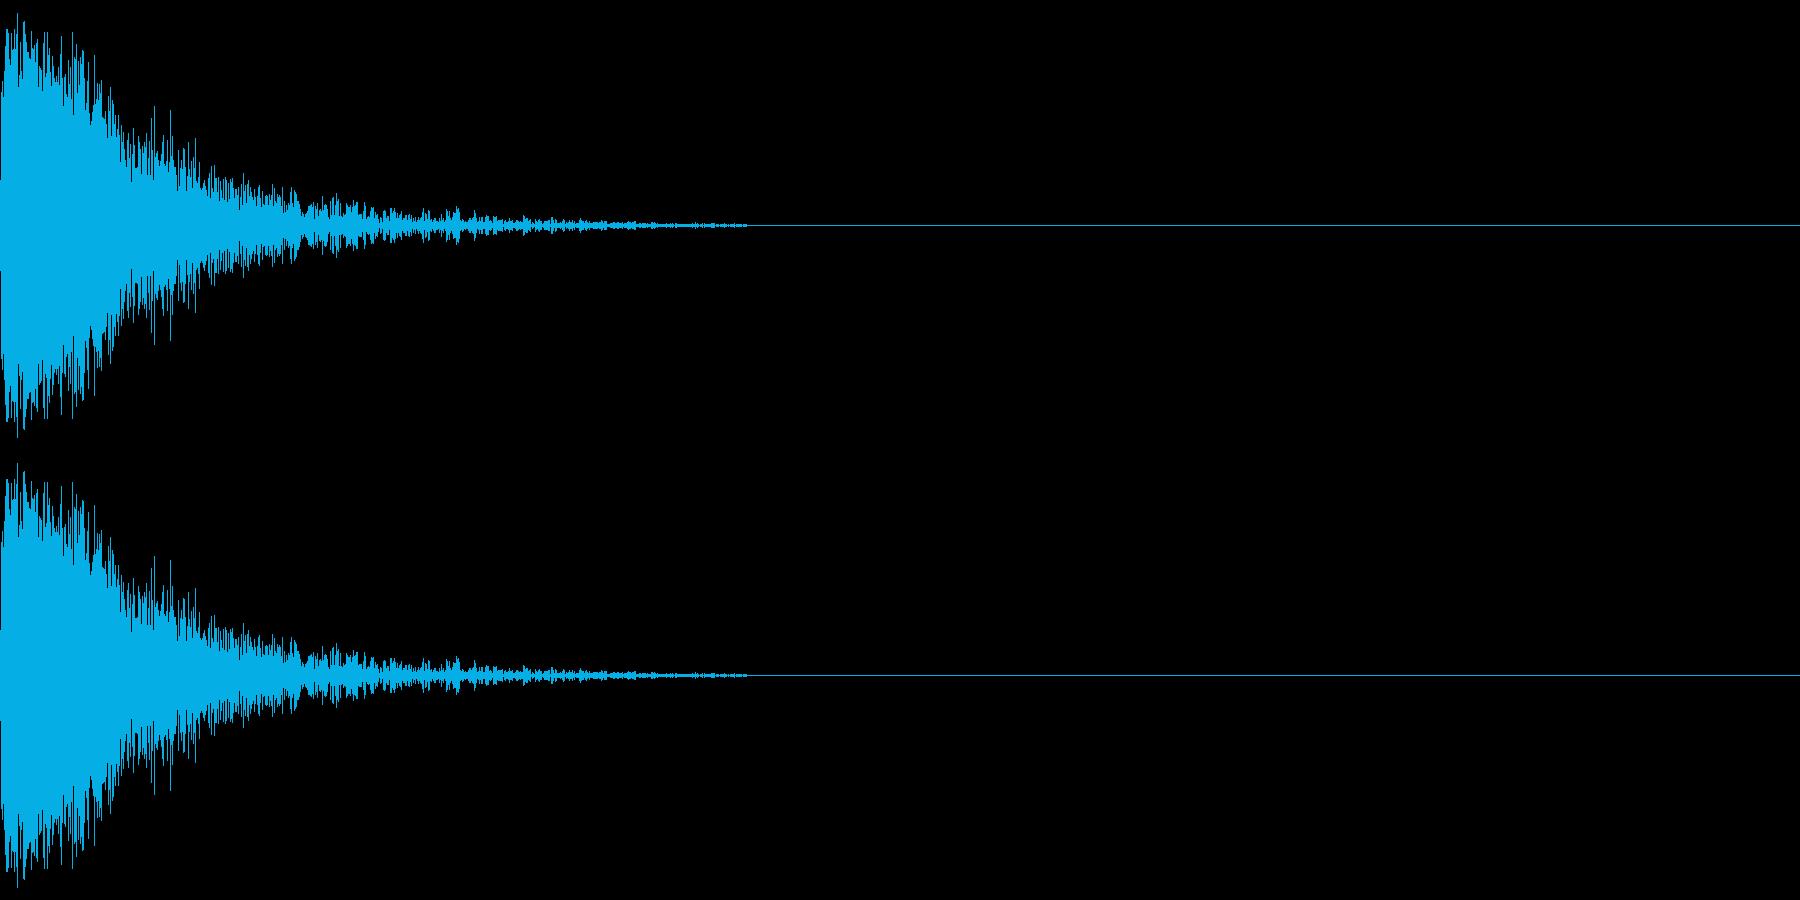 【SE】攻撃音01ヒット1発(ビシッ)の再生済みの波形